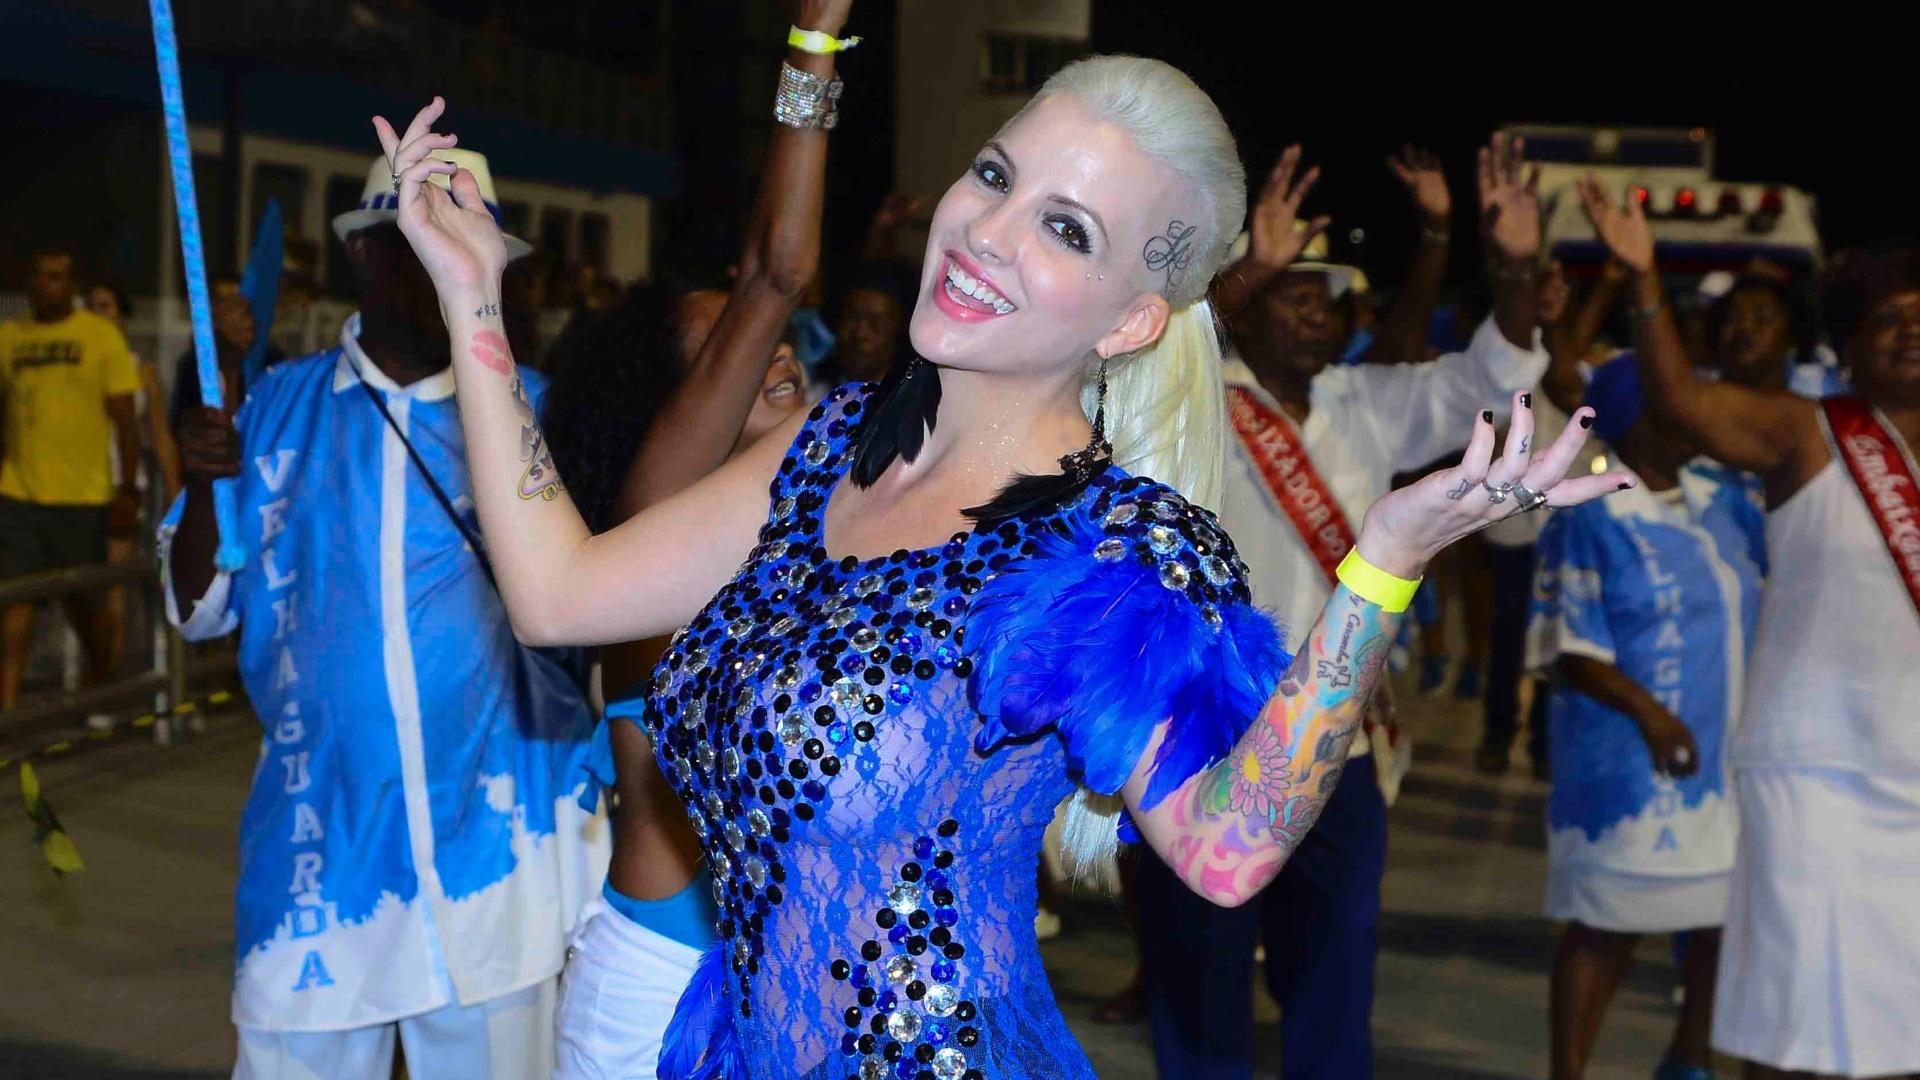 16.jan.2015 - Ex-BBB Clara Aguillar abusa da transparência durante o ensaio técnico da Nenê de Vila Matilde, no sambódromo do Anhembi, na zona norte de São Paulo